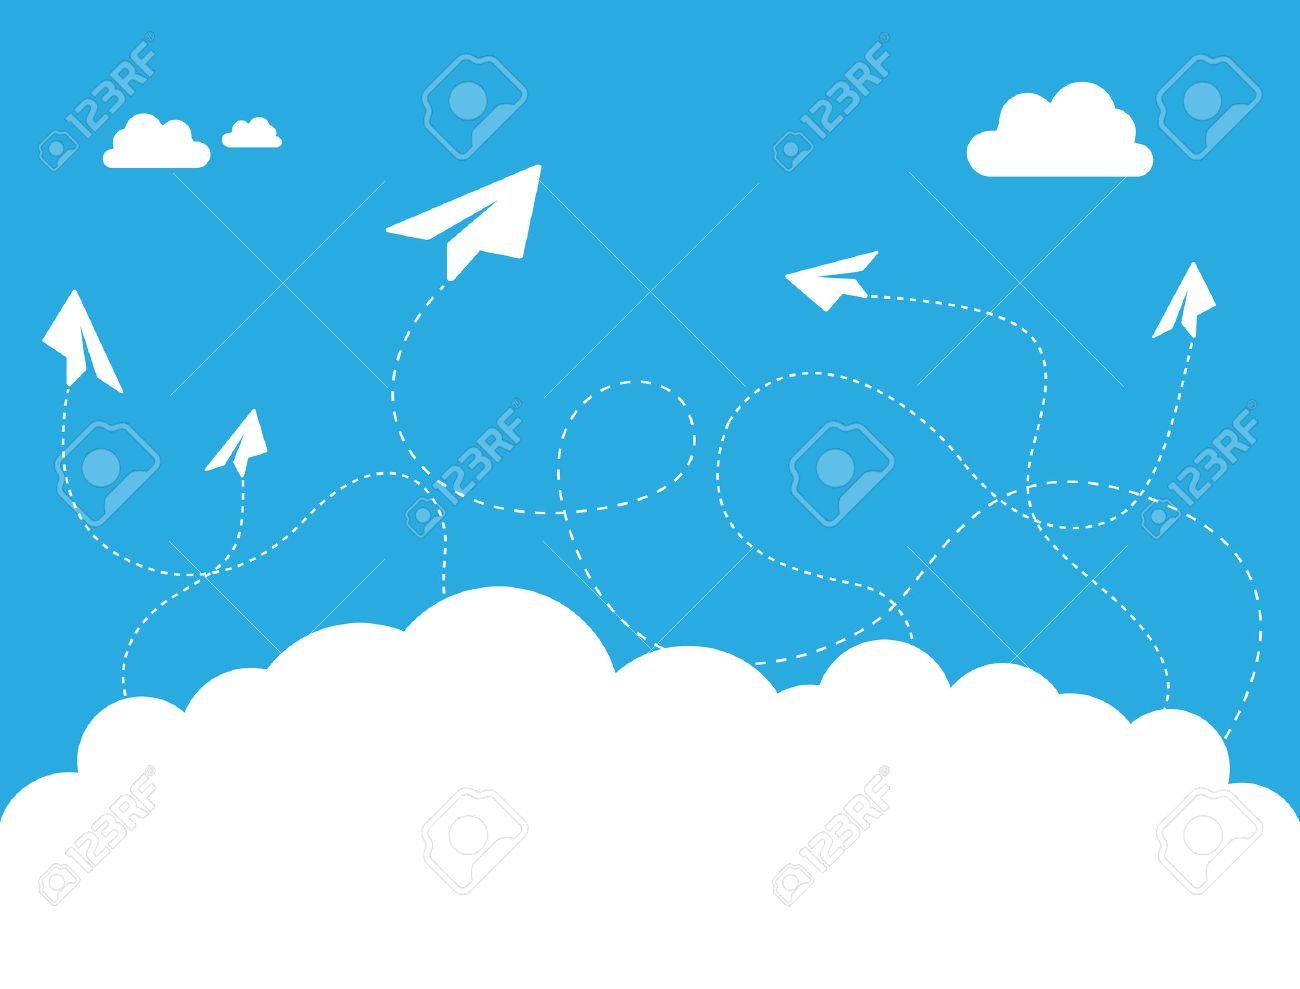 青空デザイン イラストを紙飛行機雲のイラスト素材ベクタ Image